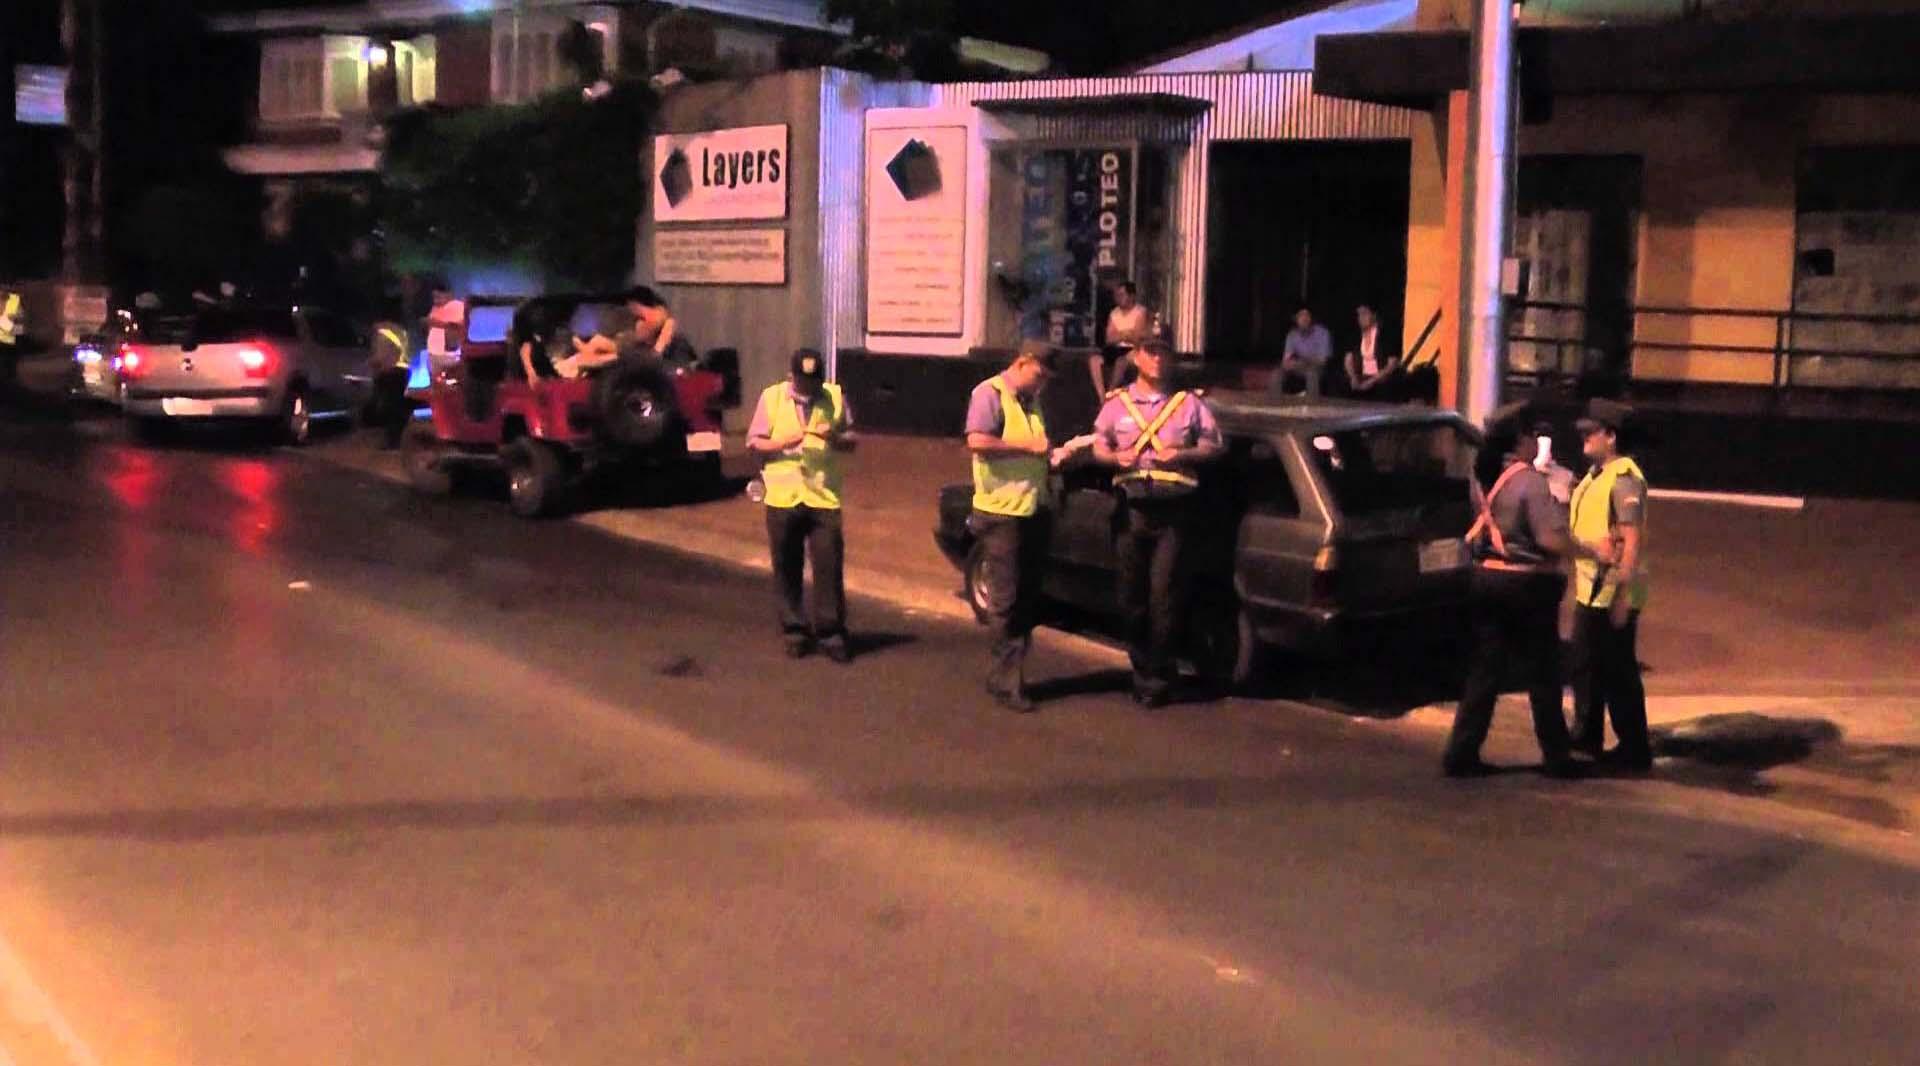 El operativo tenía como objetivo encontrar a un grupo criminal, presuntamente vinculado con el Primer Comando Capital de Brasil